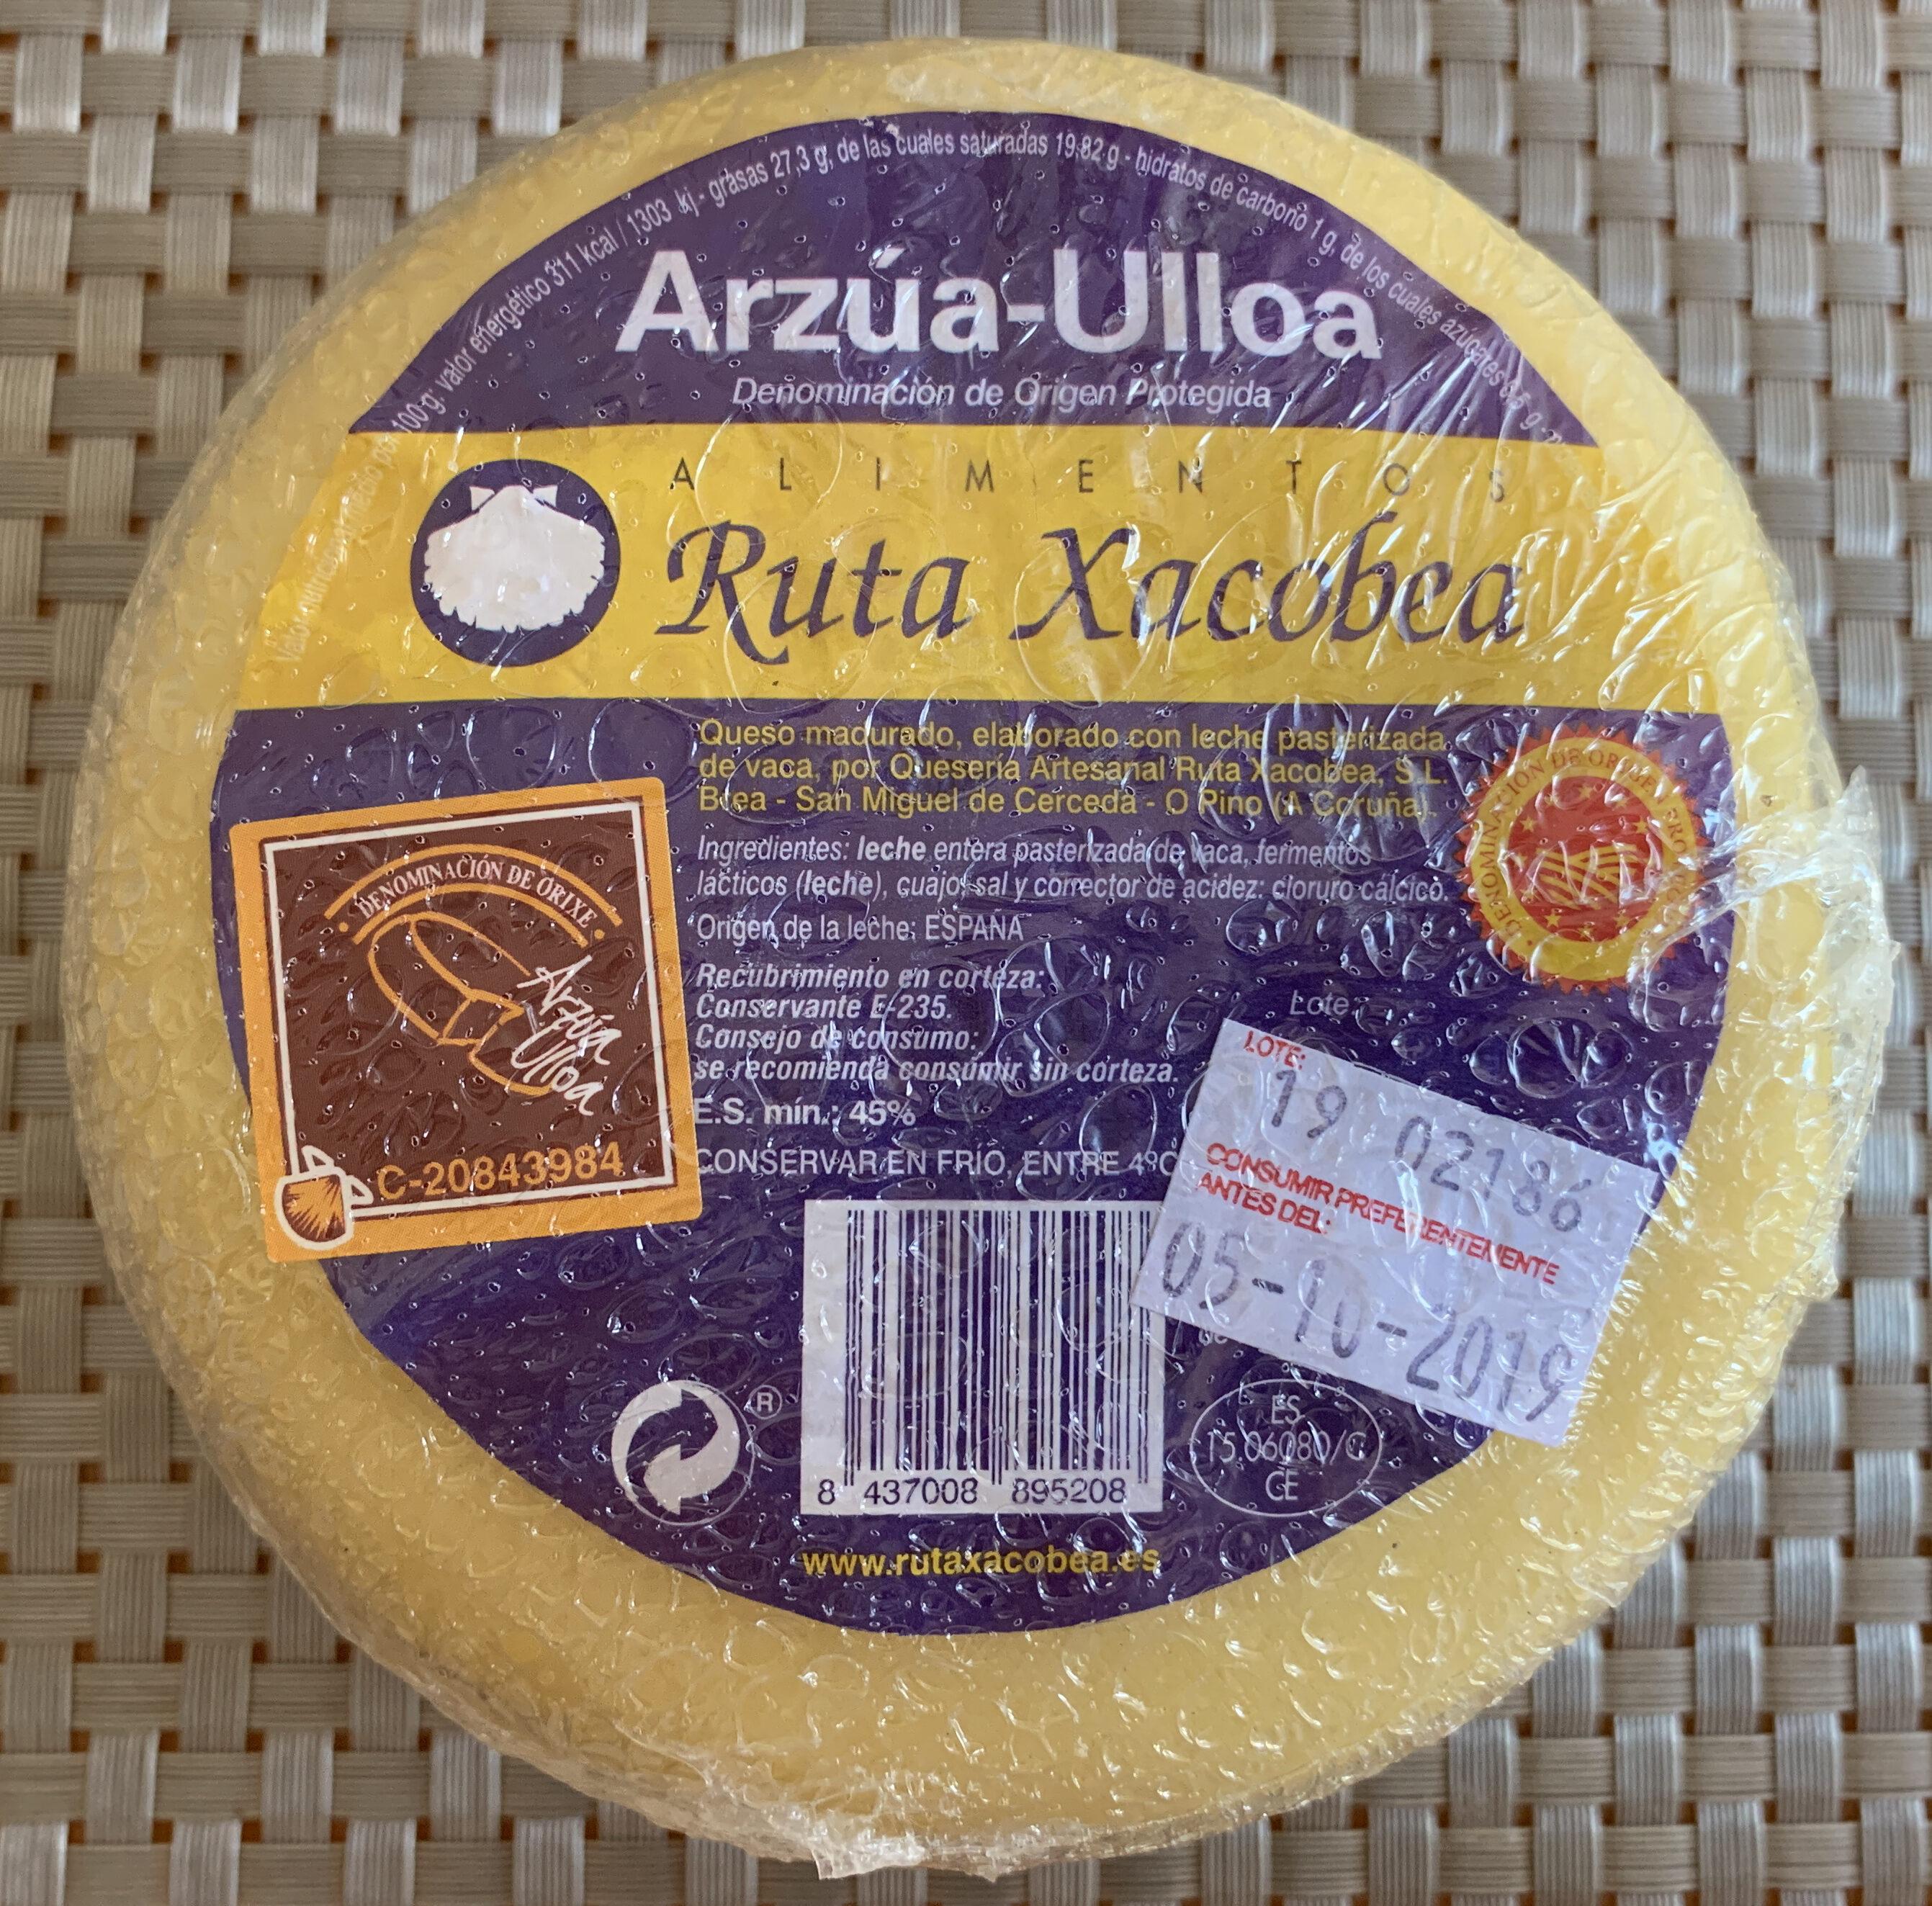 Queso gallego de vaca graso madurado elaborado - Product - es